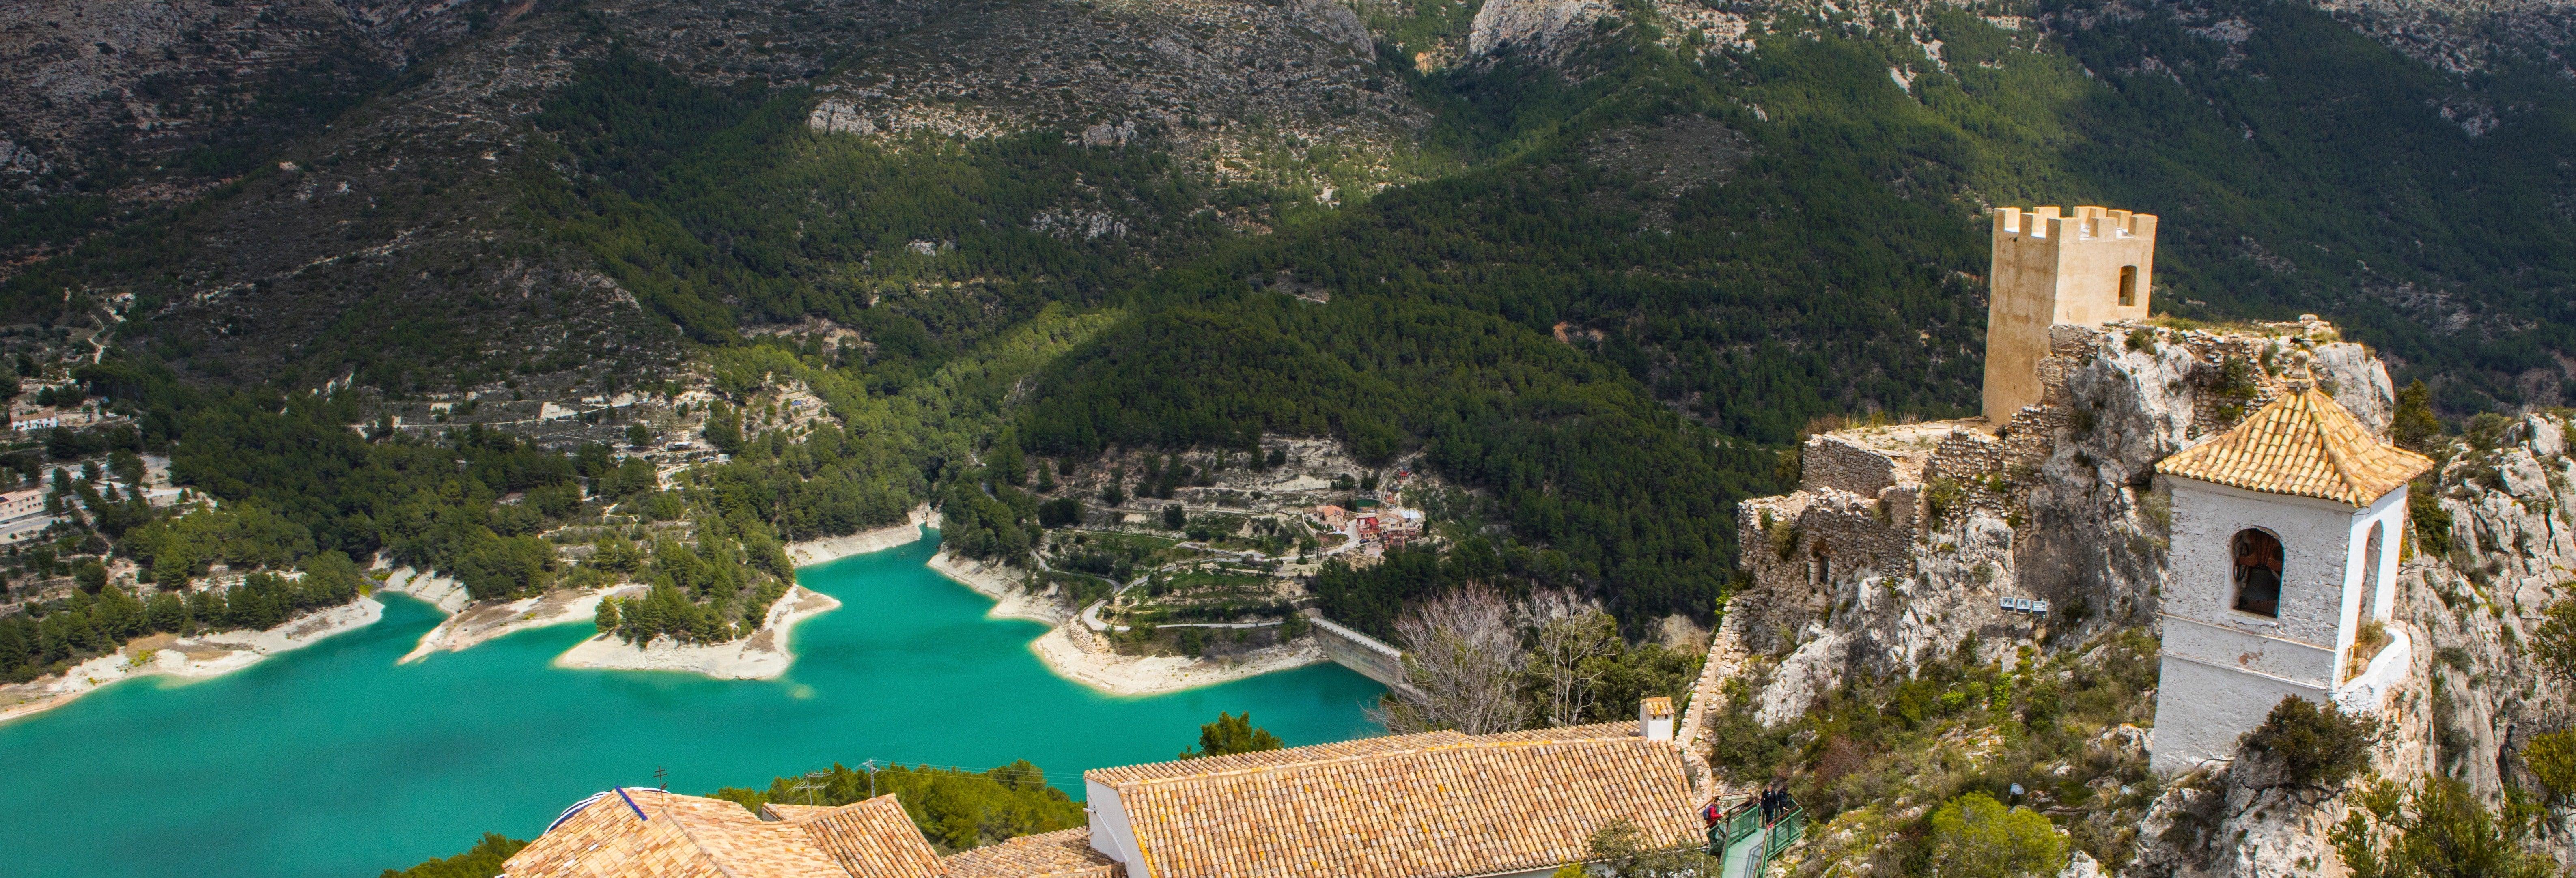 Guadalest & Algar Fountains Day Trip